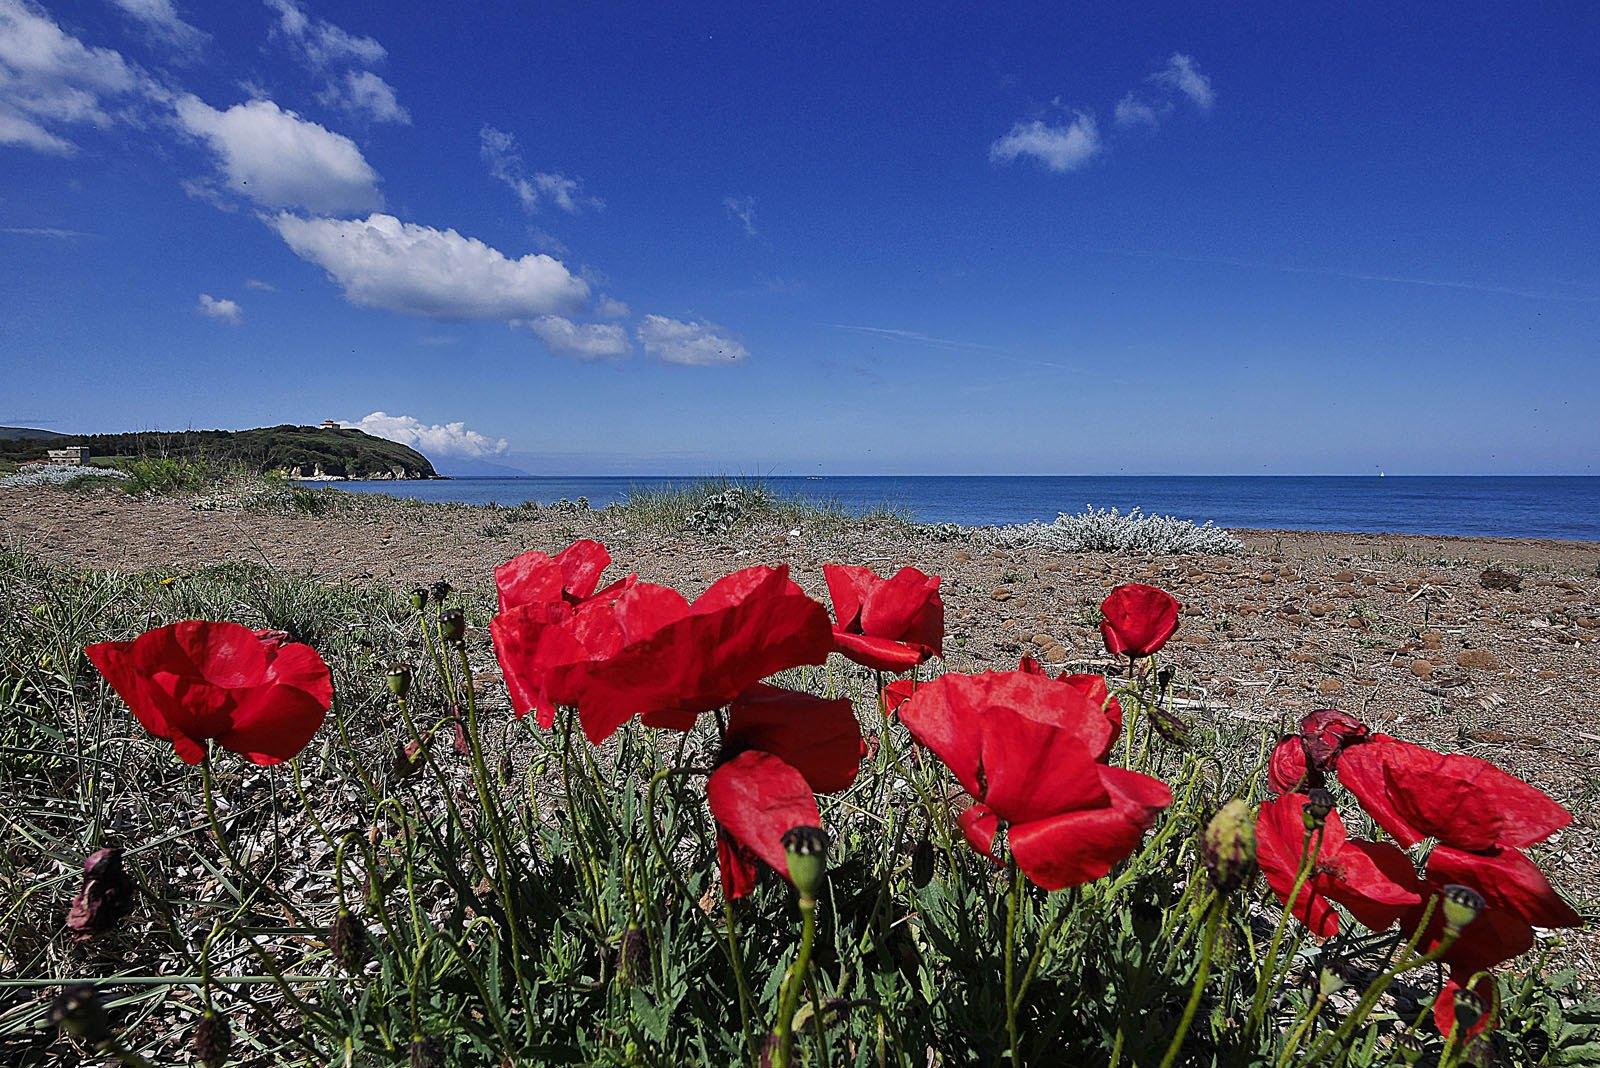 La spiaggia di Rimigliano, San Vincenzo - Hotel Ciritorno